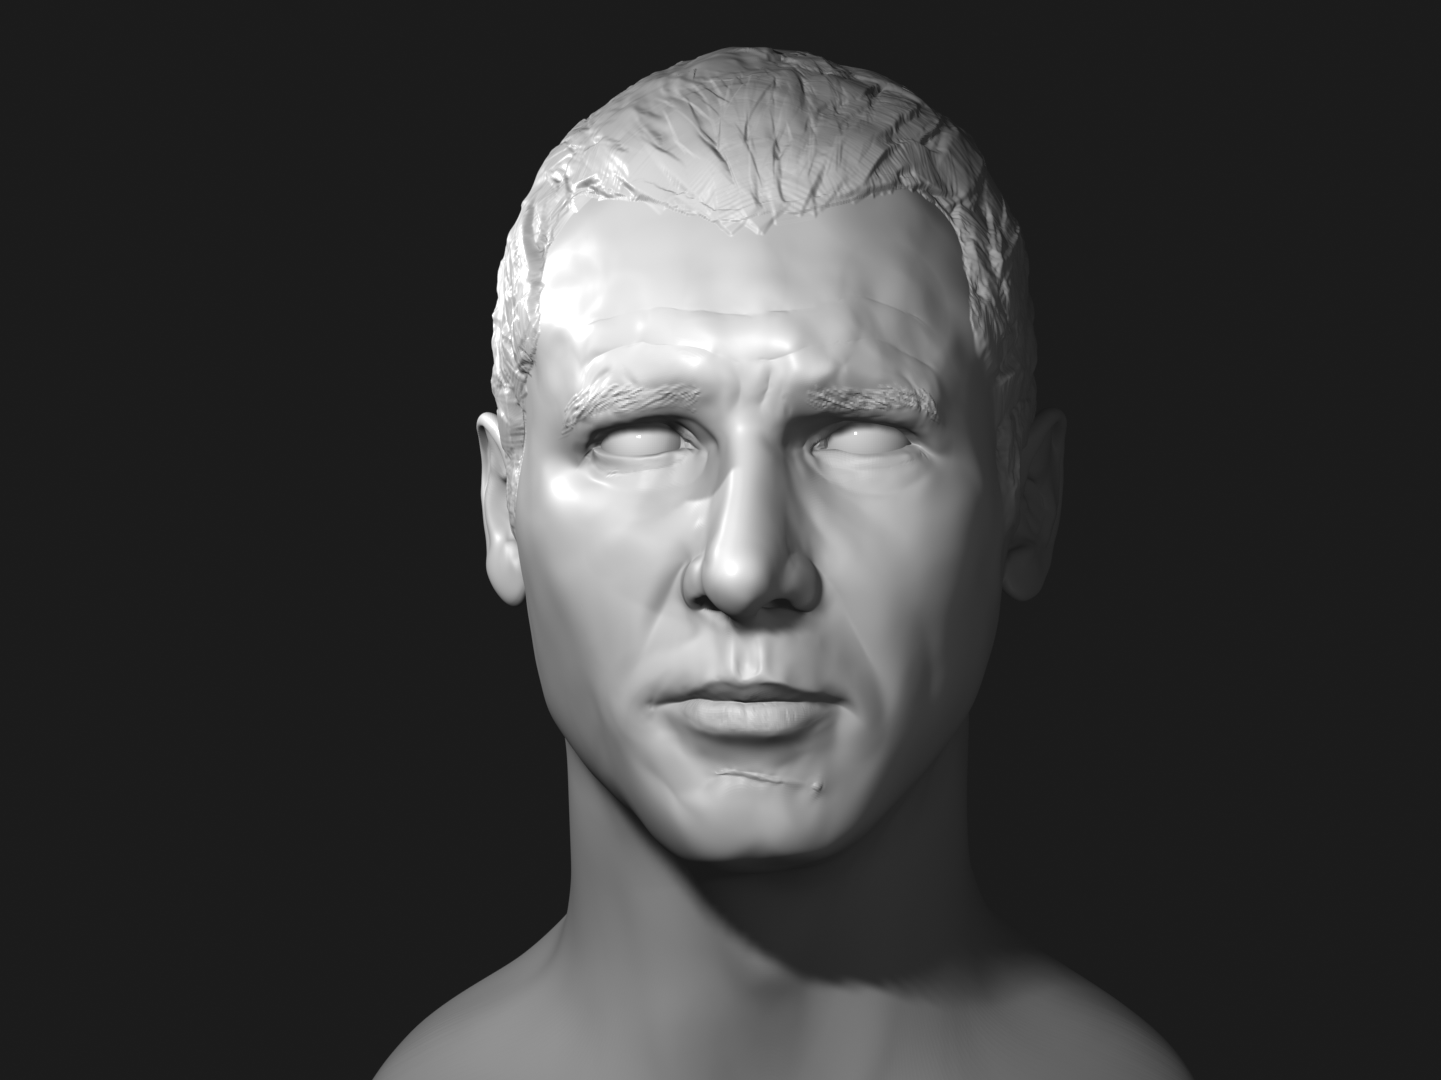 Harrison Ford 3D Progress 33 - Render.png